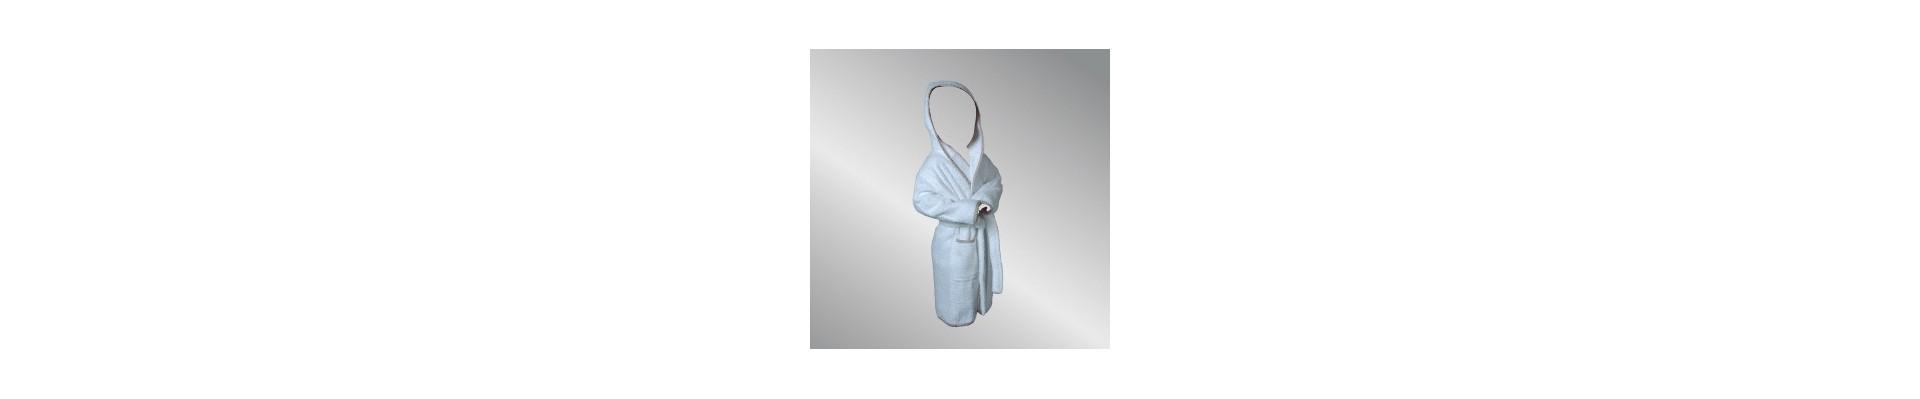 broderie personnalis e sur peignoir de bain enfant pas cher brodeway. Black Bedroom Furniture Sets. Home Design Ideas